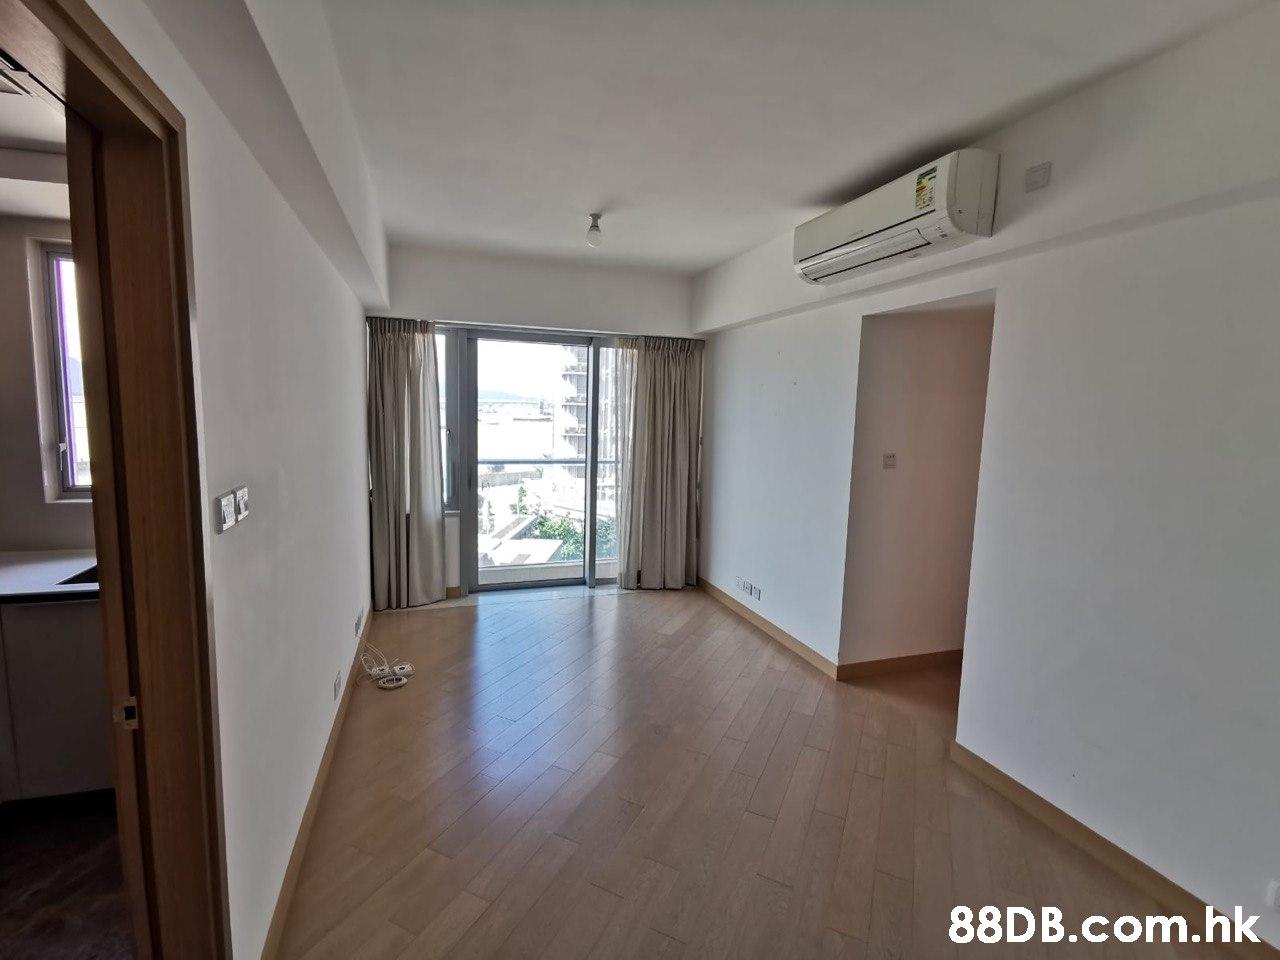 .hk  Property,Room,Building,Floor,Daylighting